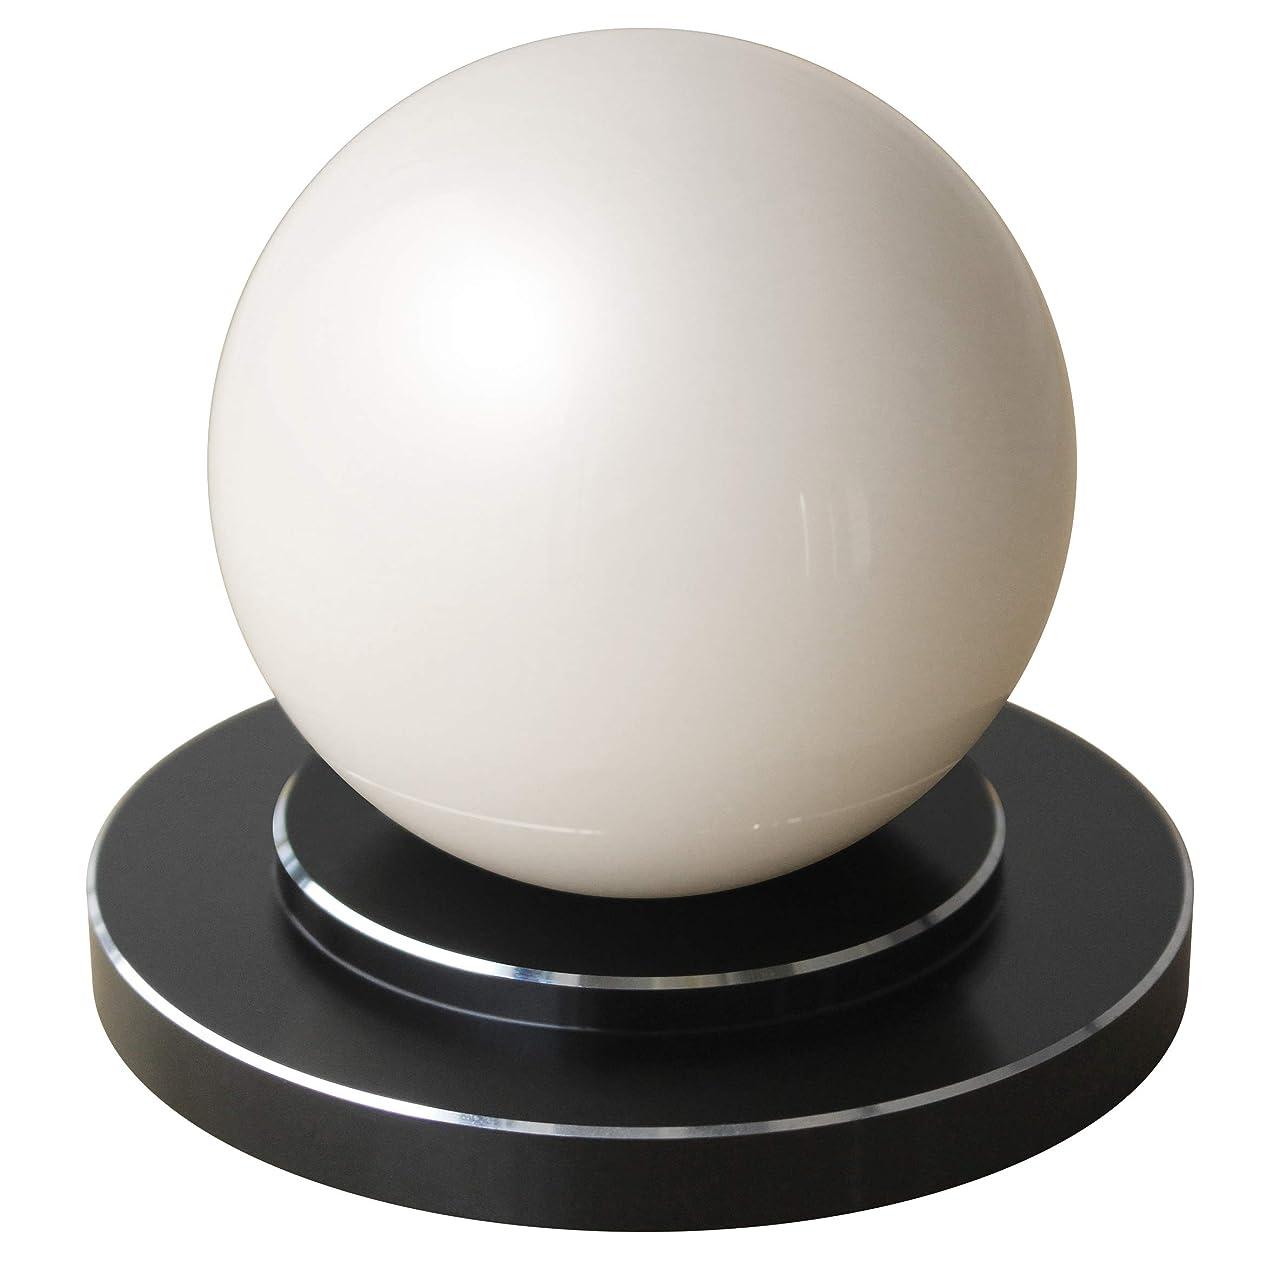 不和不和清める商品名:楽人球(らくときゅう):インテリアにもなるスタイリッシュな指圧器。光沢のある大きな球体。美しさと指圧の実力を兼ね備えた全く新しいタイプの指圧器。筋肉のこりをほぐし、リラックスできる。 【 すごく効く理由→一点圧により指圧位置の微調整が可能。大きな球体(直径75mm)により身体にゆるやかに当たる。硬い球体により指圧部位にしっかり入る。球体と台座が分離することにより、頭、首、肩、背中、腰、胸、腹、お尻、太もも、ふくらはぎ、すね、足裏、腕、身体の前面も背面も指圧部位ごとに使いやすい形状と使用方法(おす?さする?もむ?たたく)を選択可能。】楽人球の「特徴?使用方法?使用上のご注意」に関しての詳細は株式会社楽人のホームページへ→「楽人球」で検索。指圧 指圧器 指圧代用器 整体 マッサージ マッサージ器 ツボ押し ツボ押しグッズ つぼおし つぼ押し 肩こり 腰痛 こりほぐし インテリア